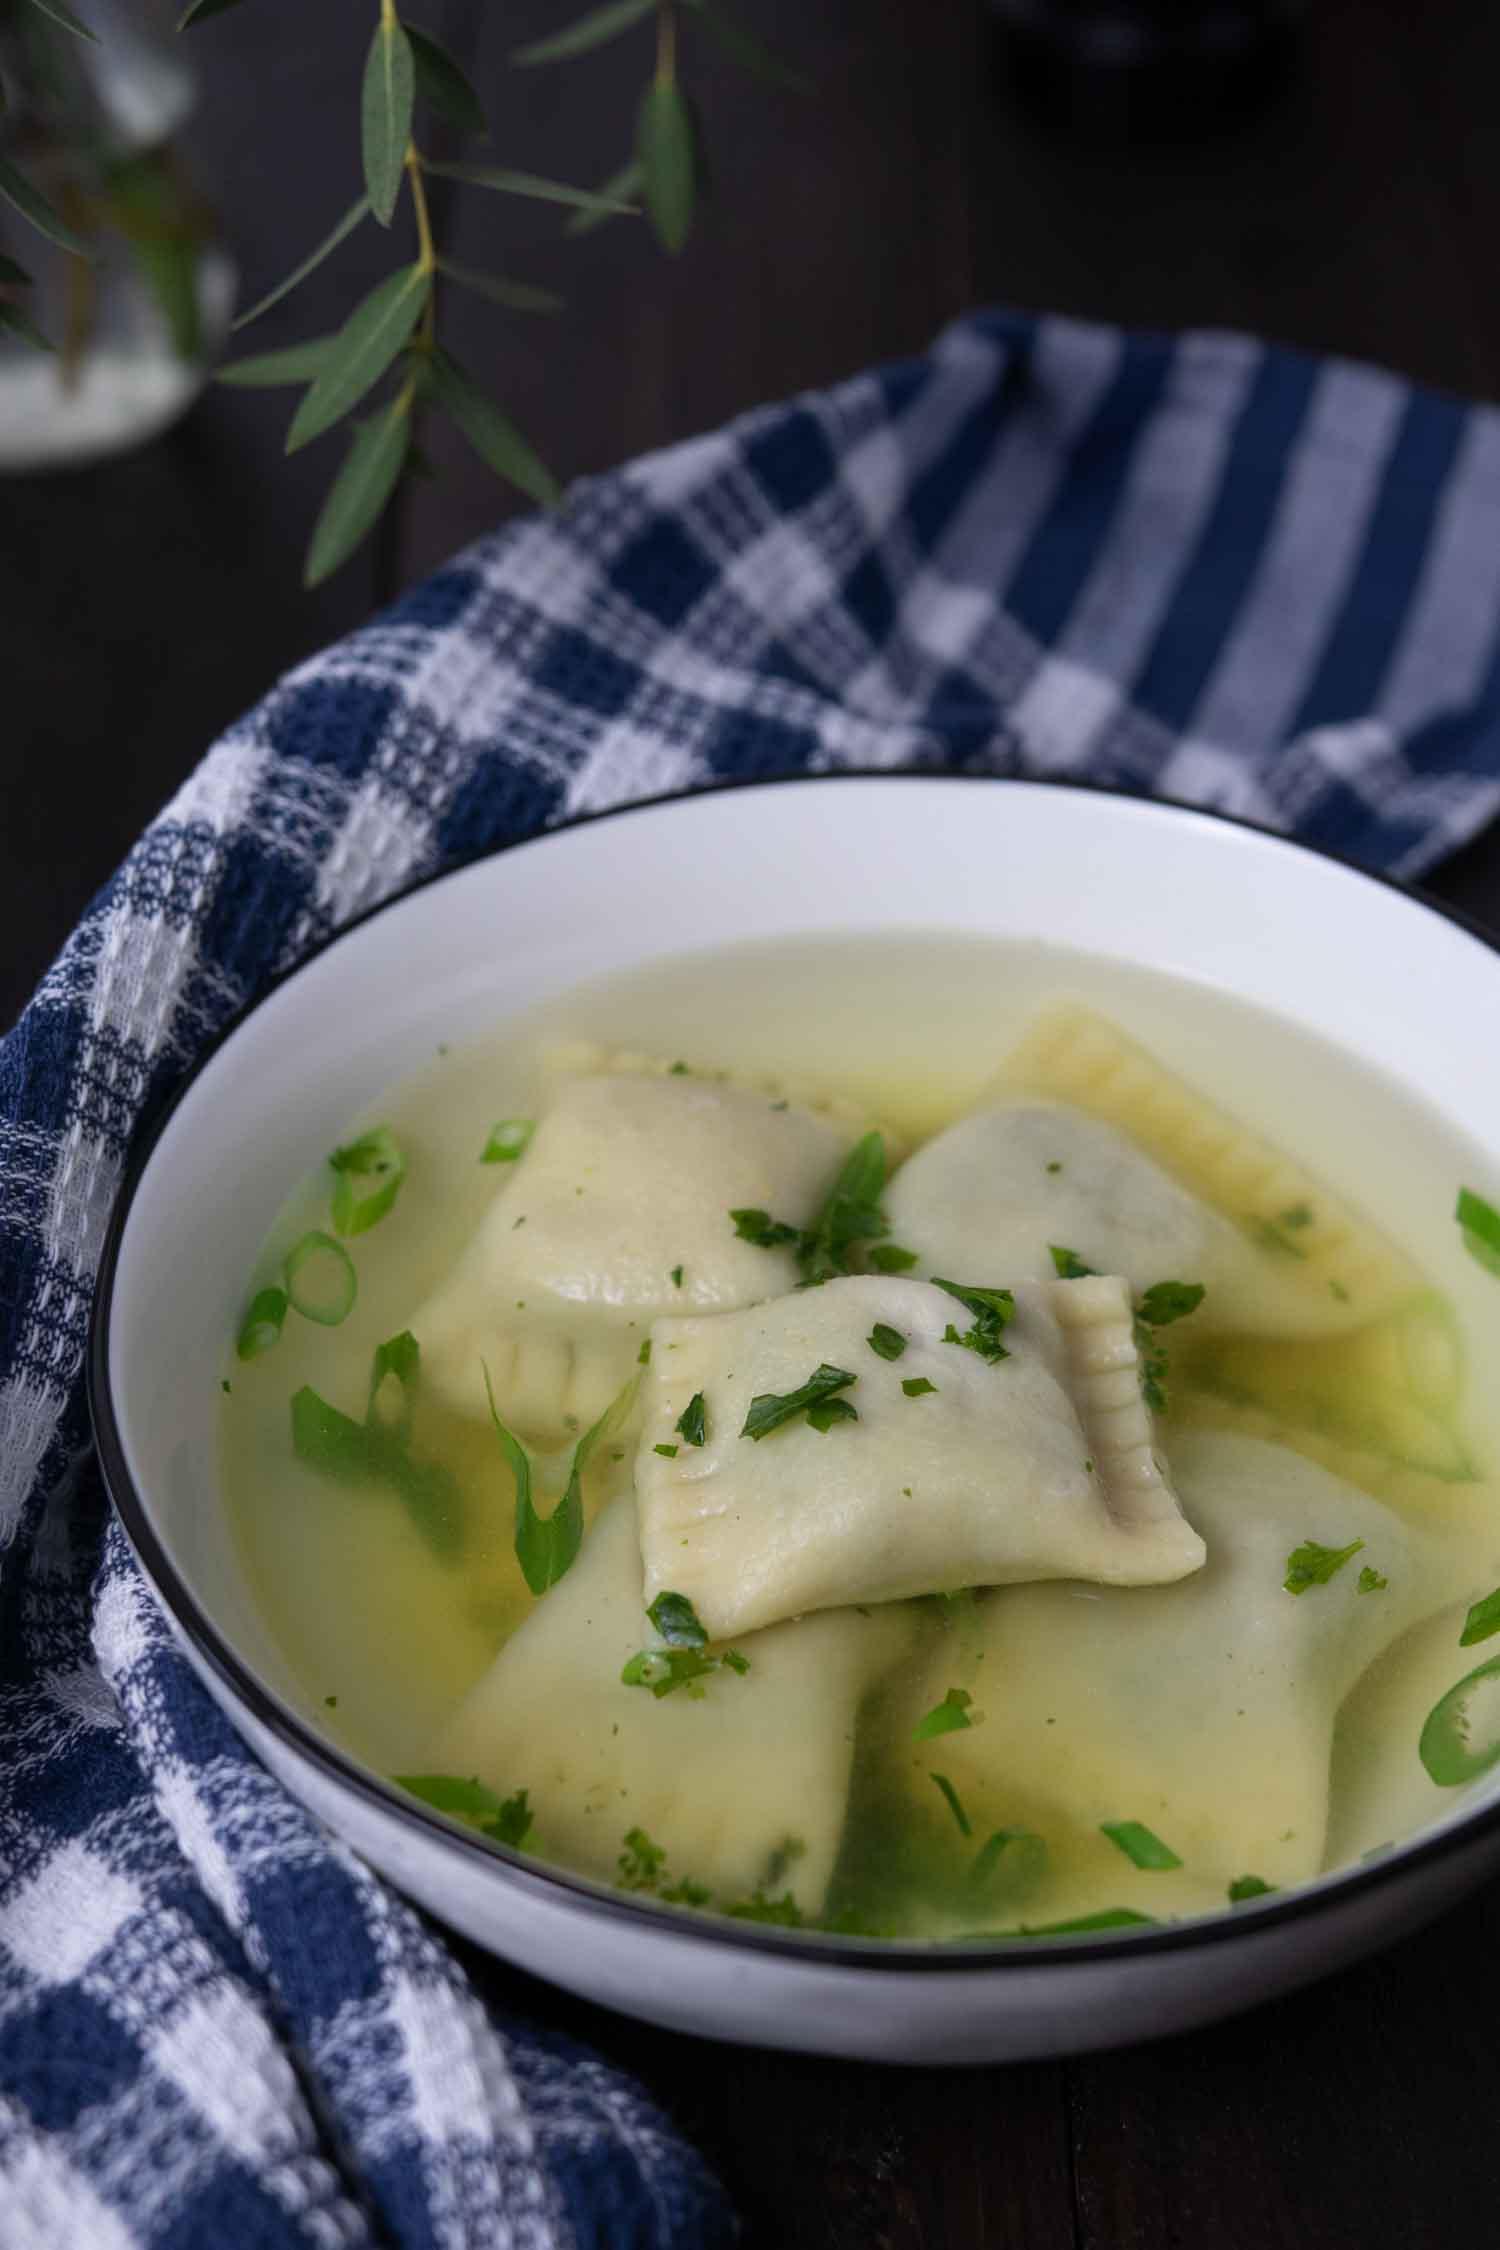 Suppe mit Teigtaschen als Suppen einlage